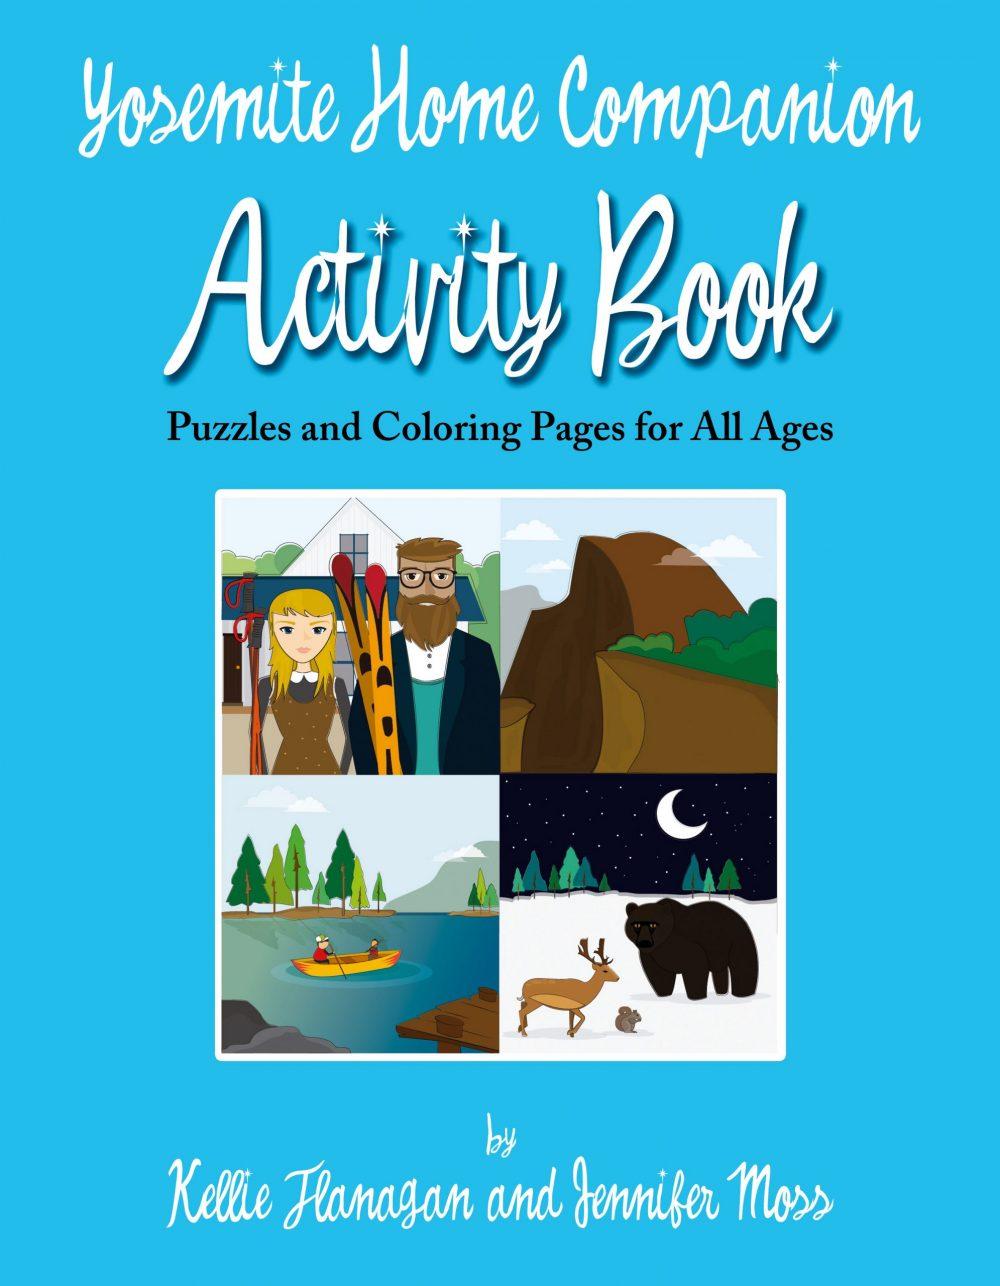 Yosemite Home Companion Activity Book